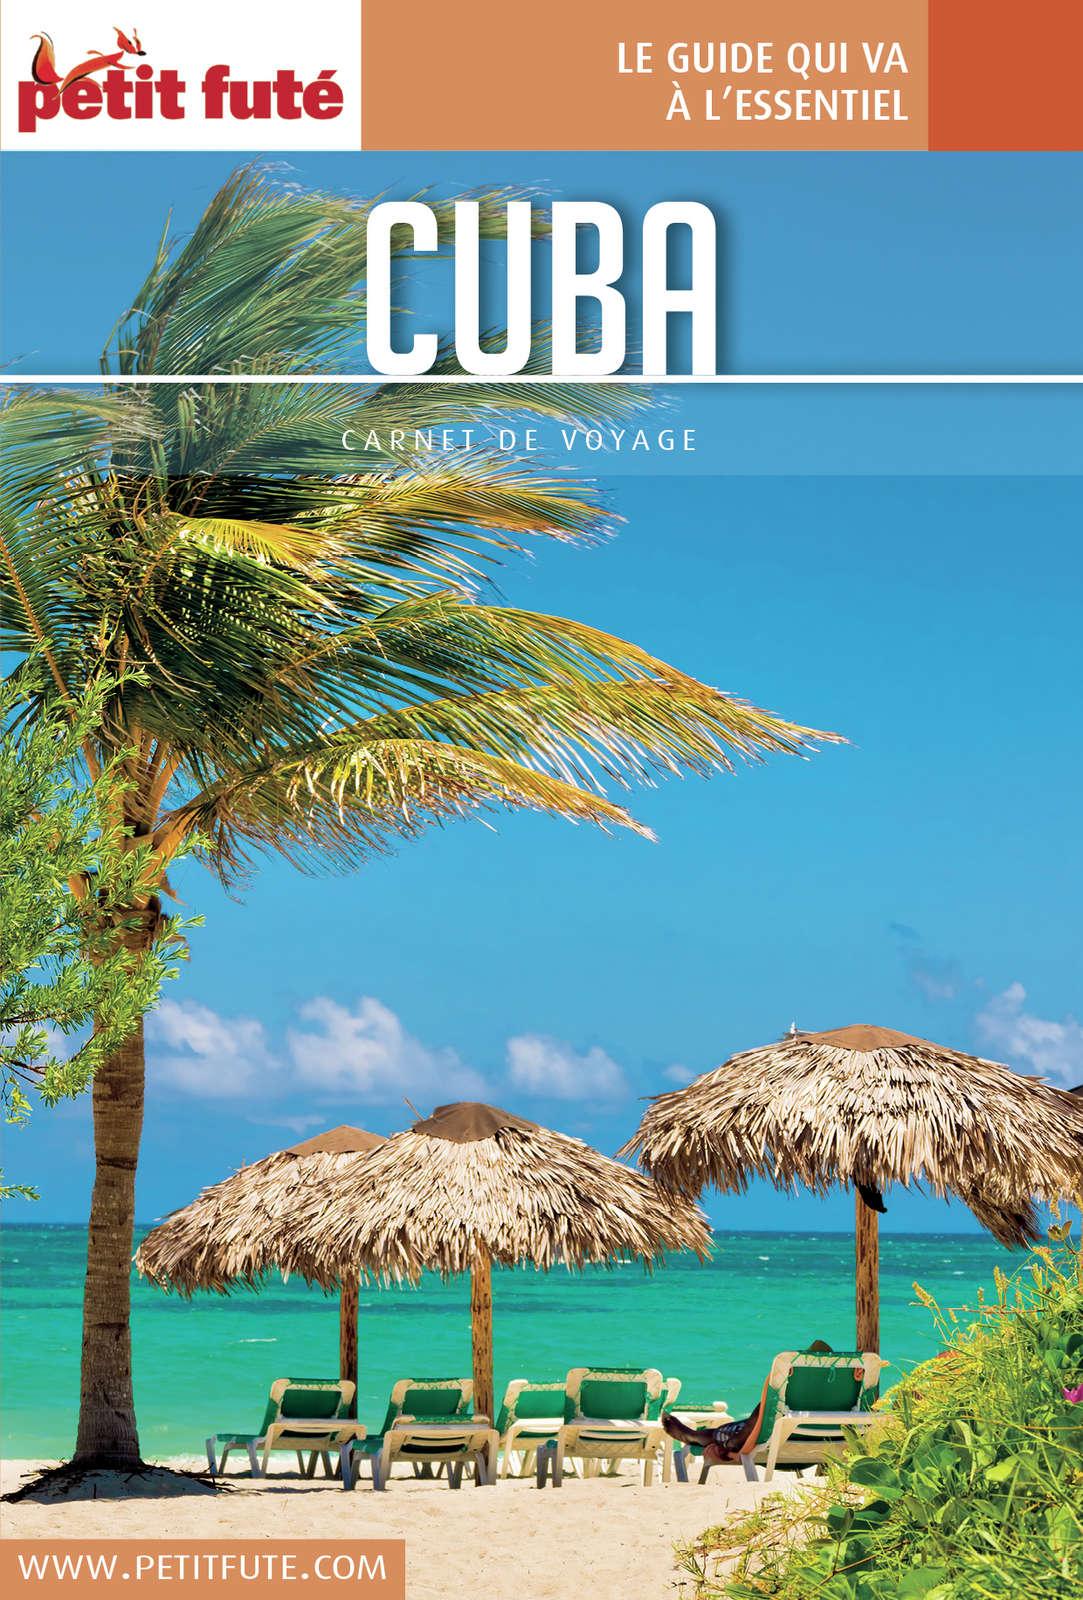 TELECHARGER MAGAZINE Carnet de voyage - Cuba 2016